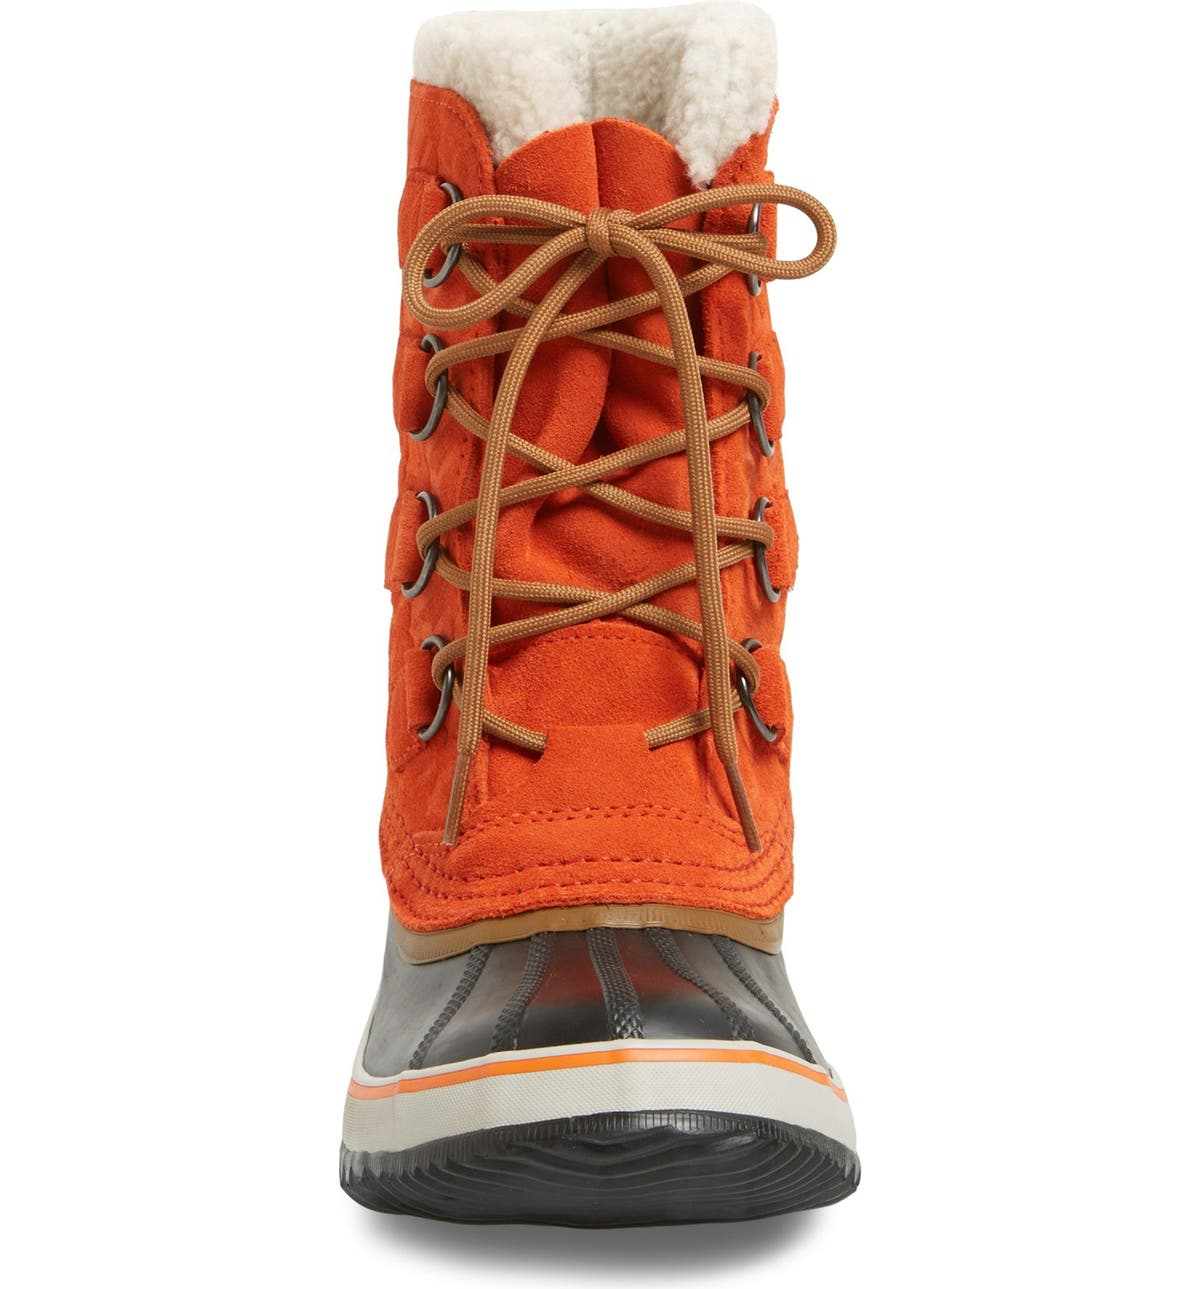 7ec605c8574 '1964 PAC™' Graphic 15 Waterproof Snow Boot